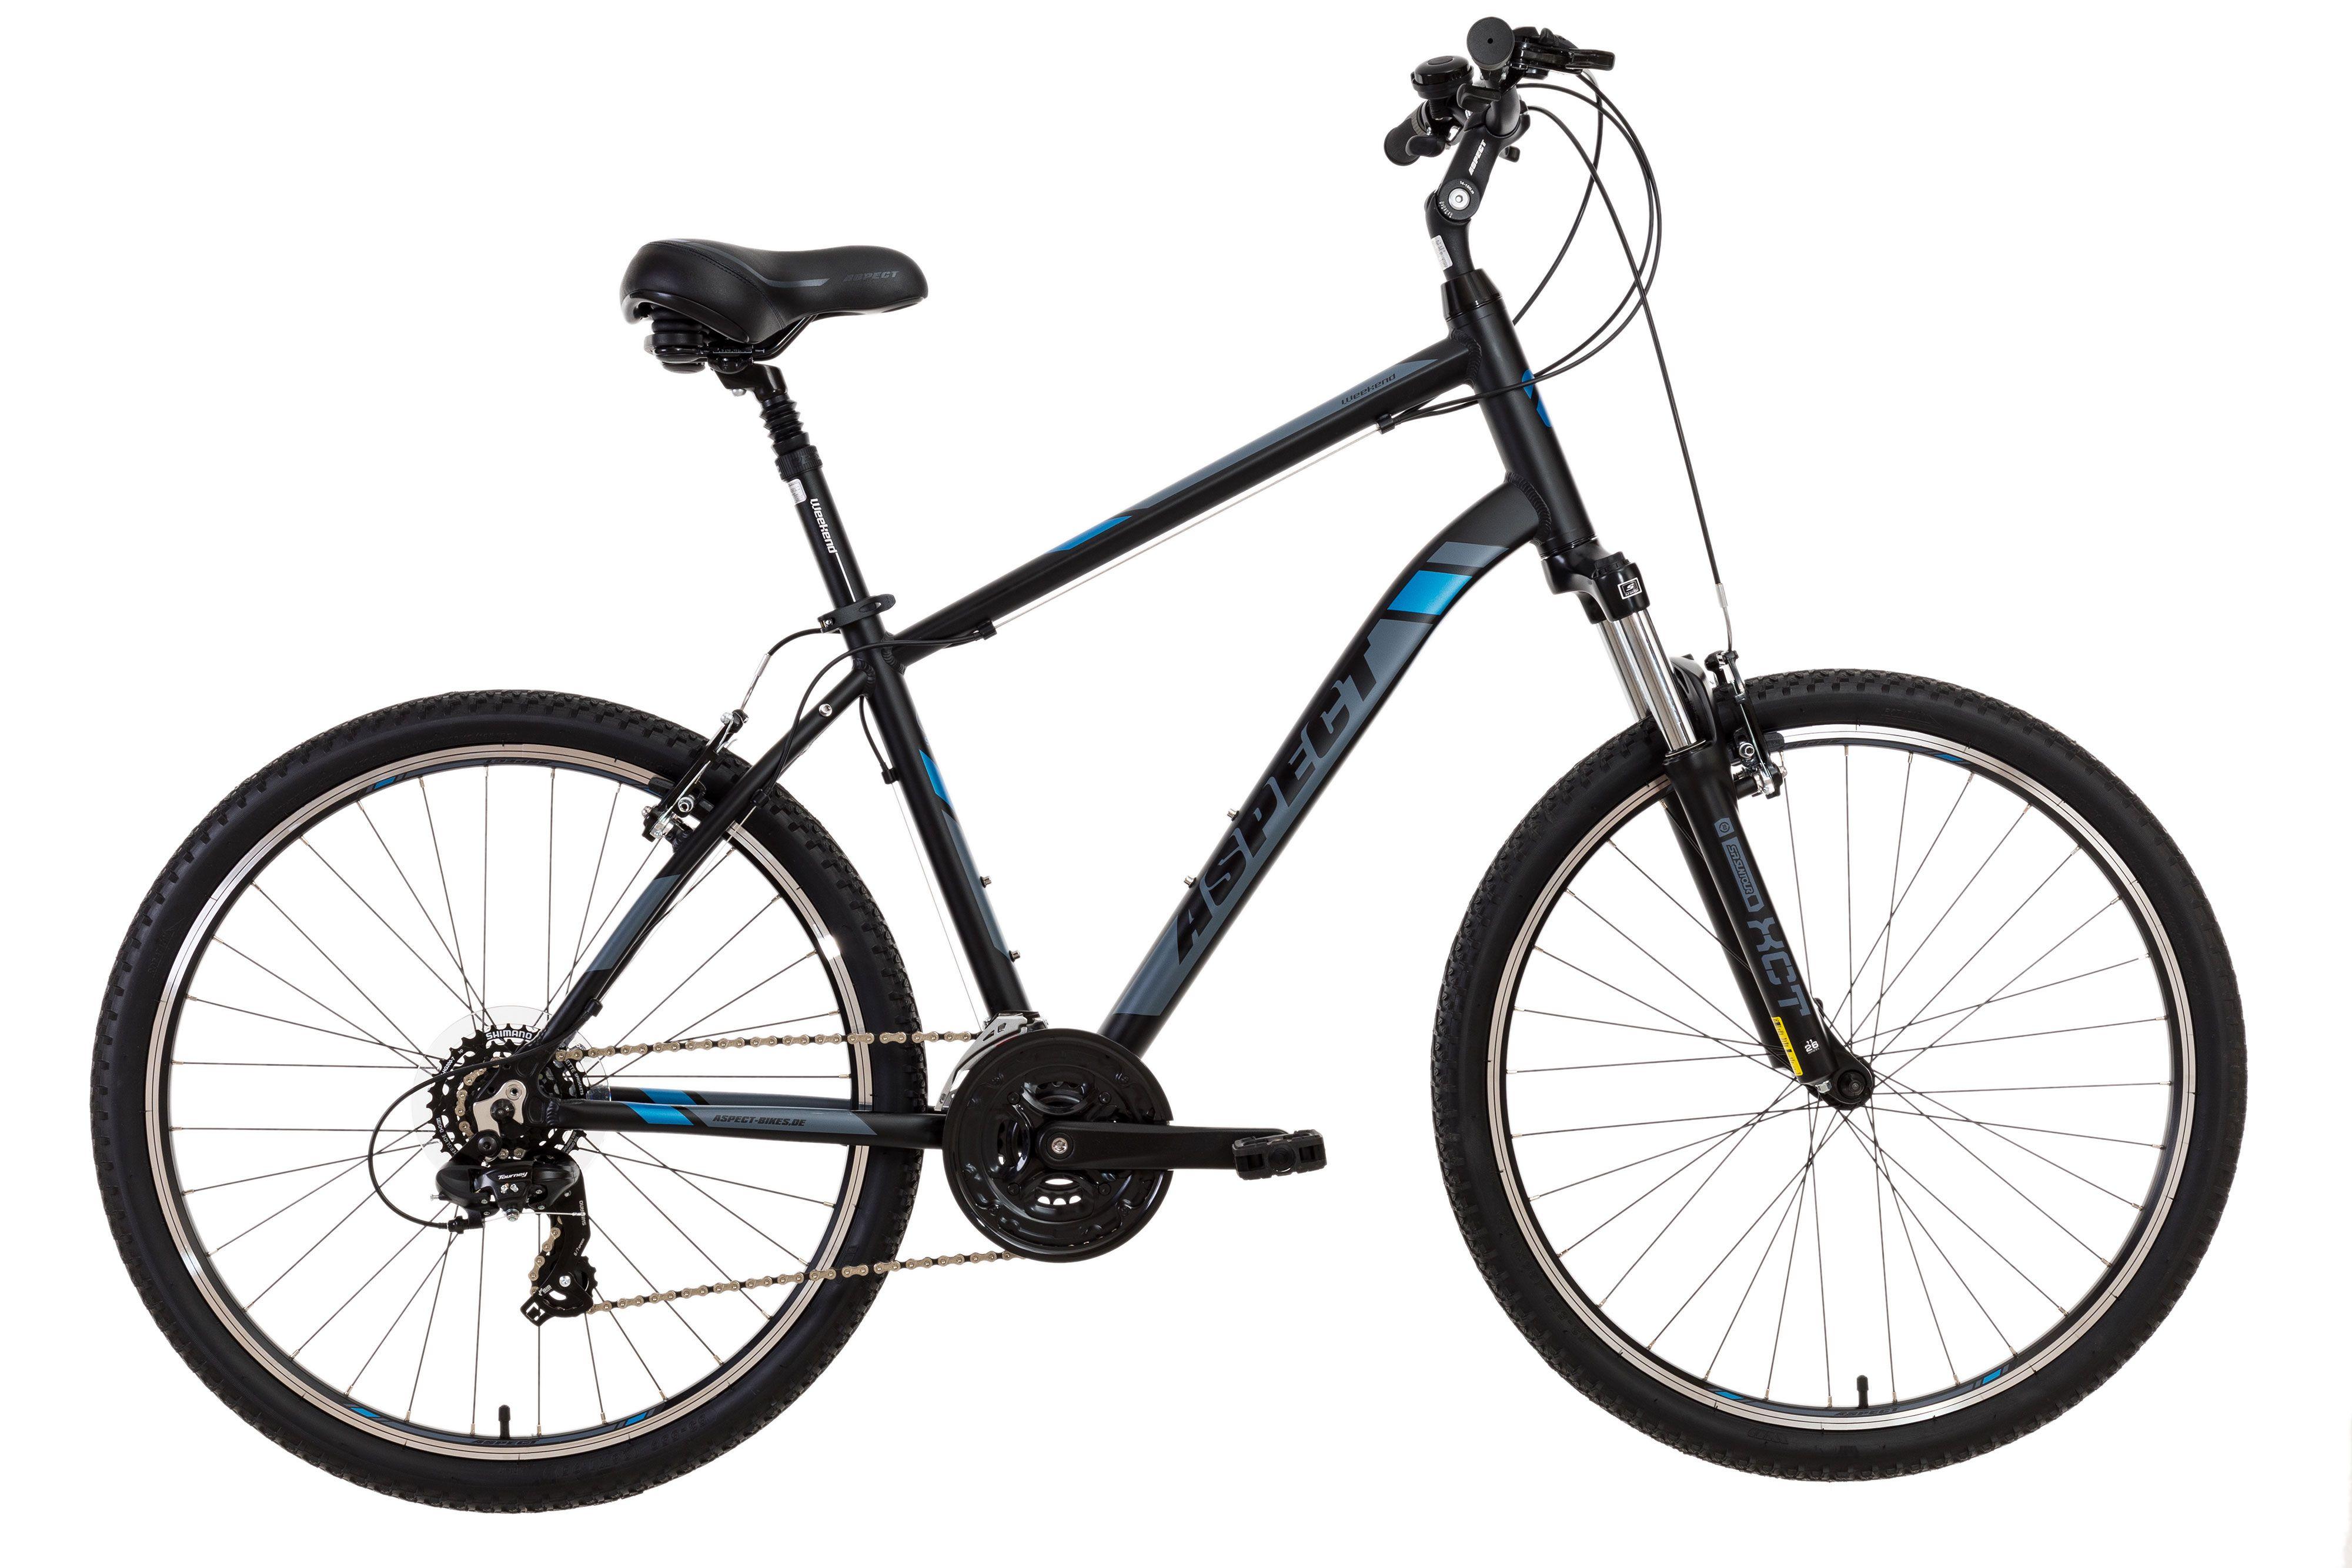 Велосипед Aspect Weekend 2017 г екатеринбург велосипед не дорогой